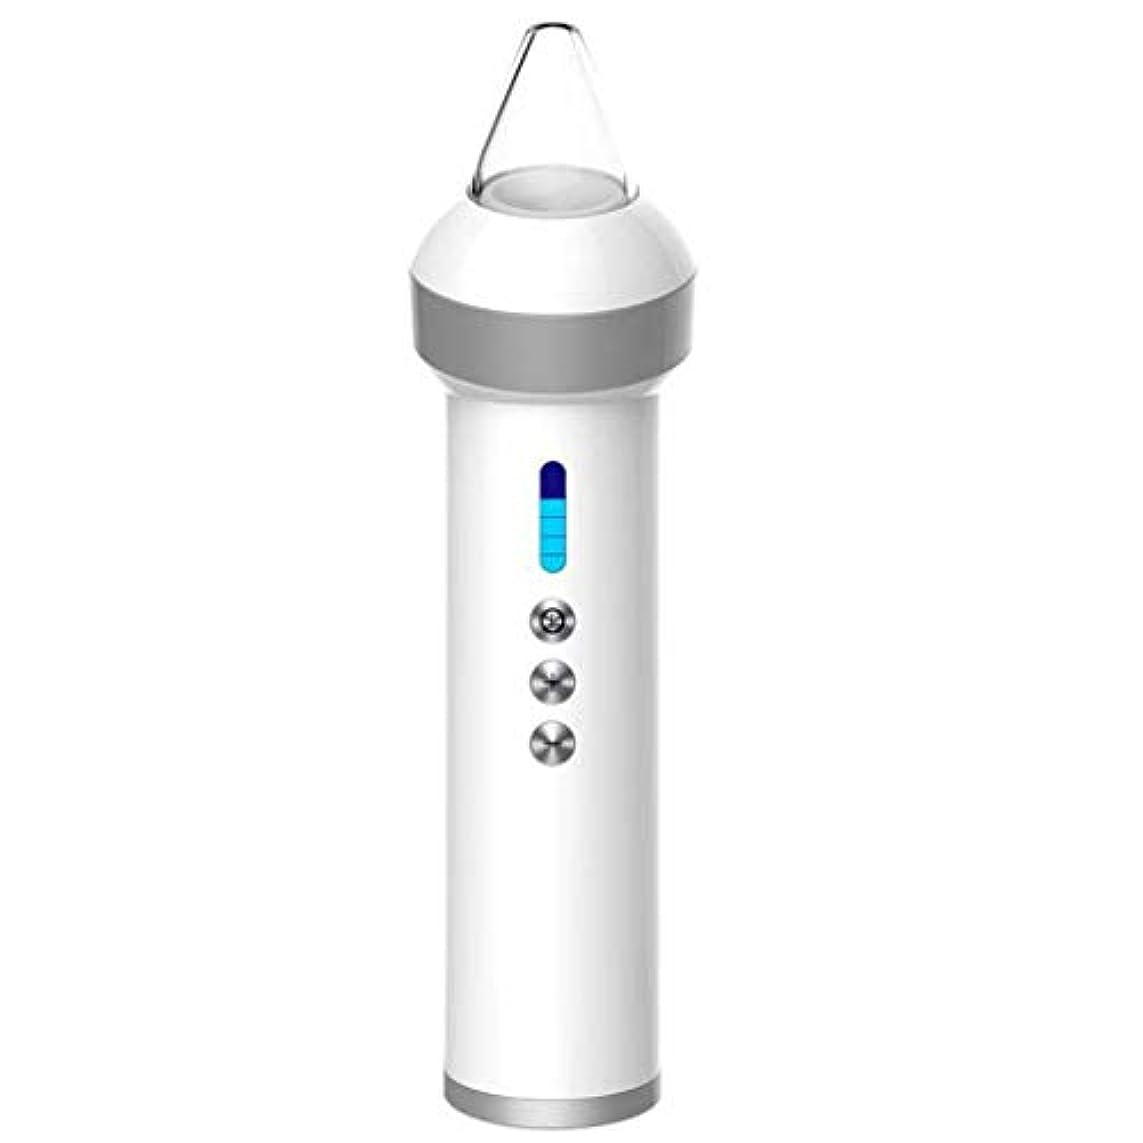 ファイアルアルカトラズ島ガウン電気にきび楽器電気にきびにきび抽出器USB充電式電気皮膚毛穴クレンザー